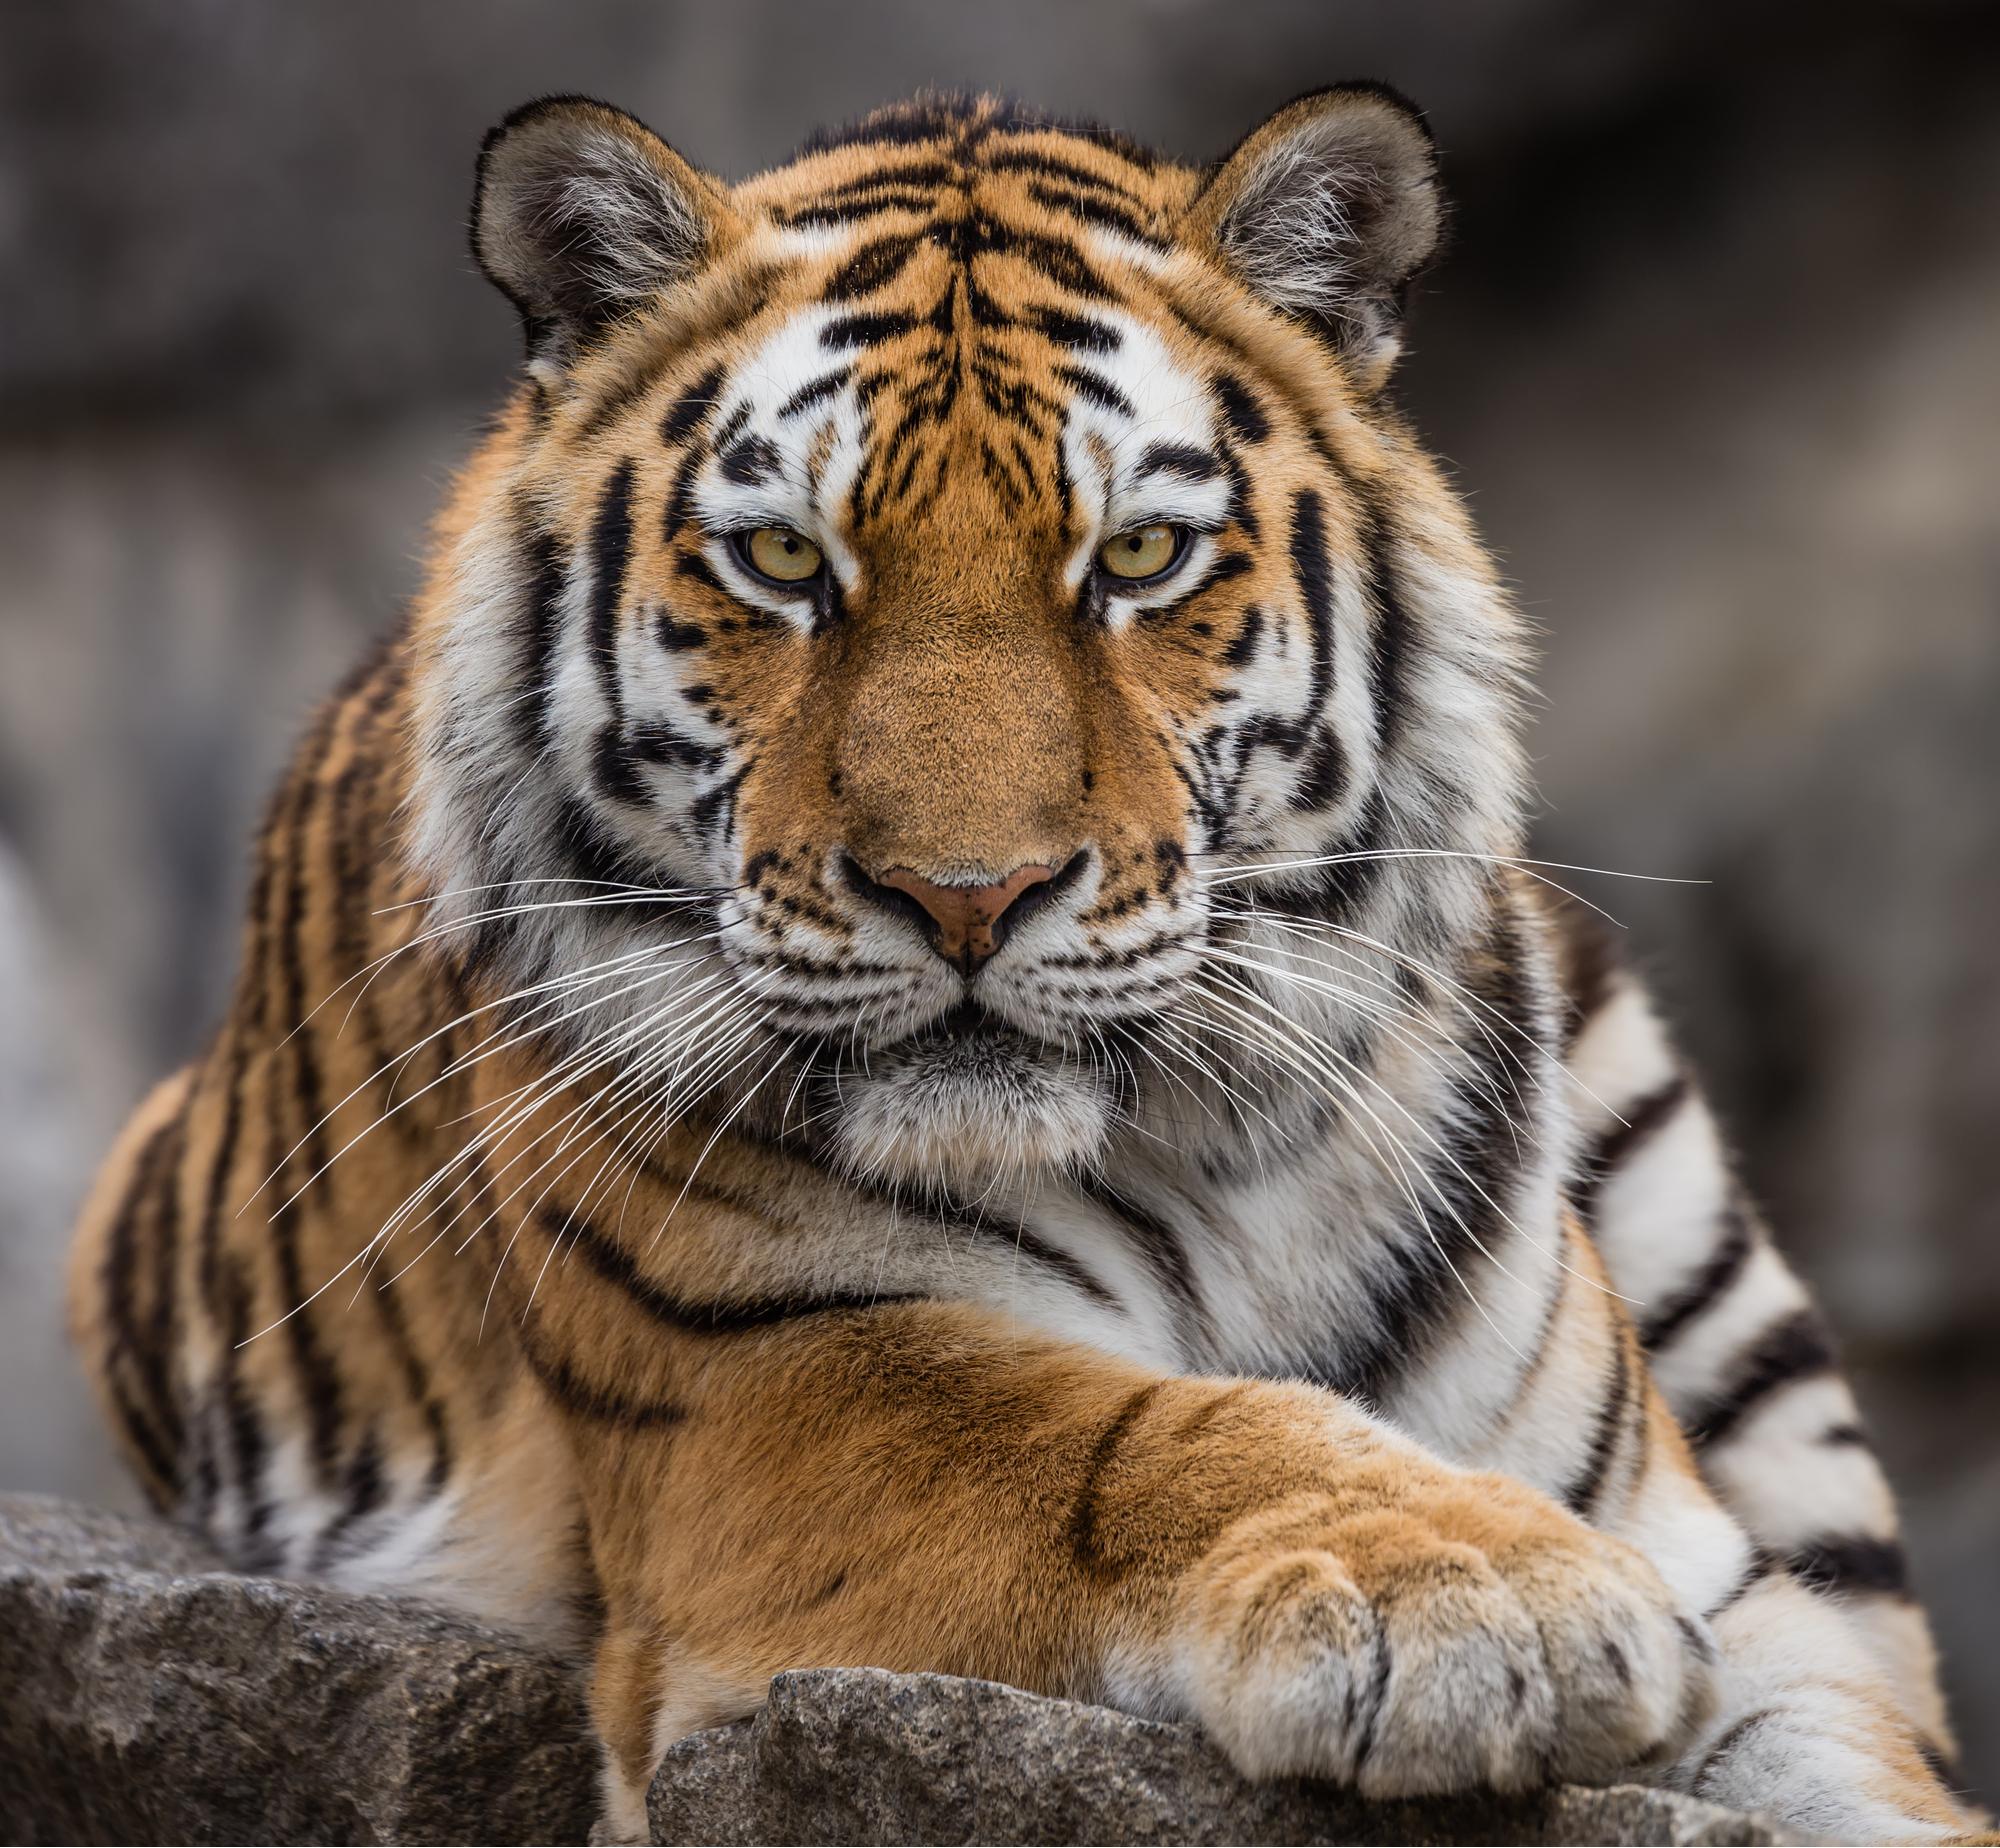 Siberian tiger 72 DPI